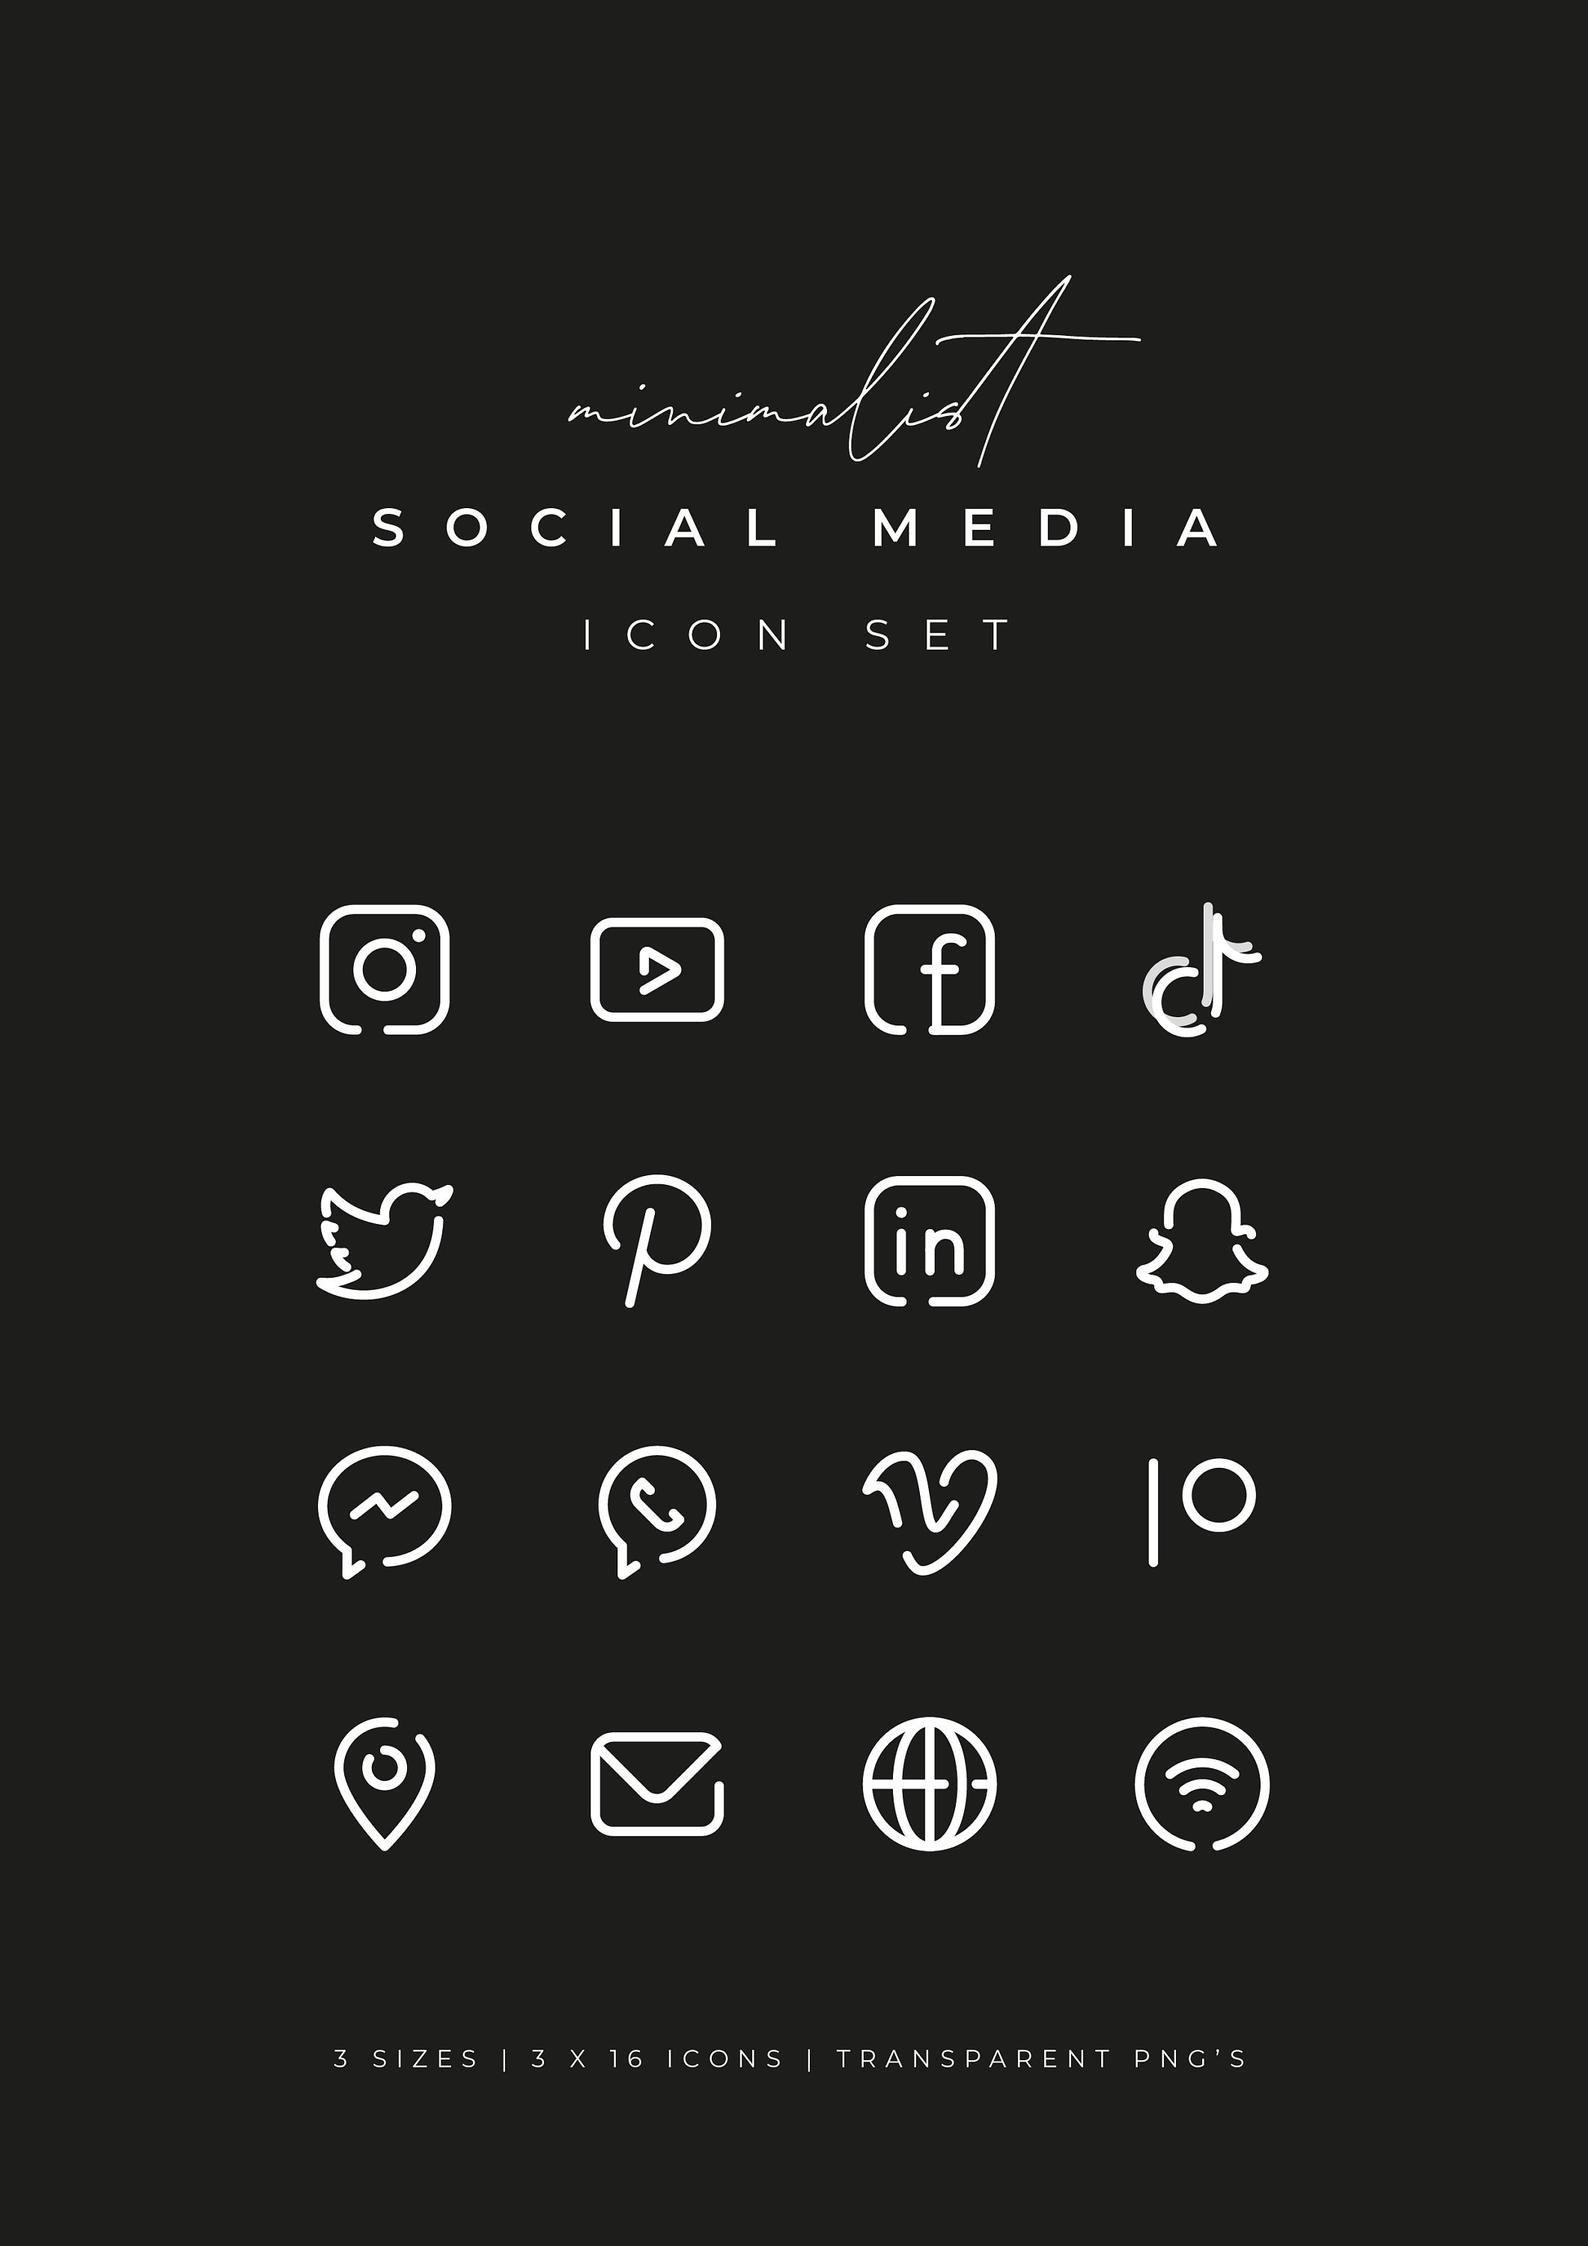 Instagram Logo Png White : instagram, white, White, Social, Media, Icons., Minimalist, Logos., Simple, Icons:, Instagram,, YouTube,, Facebook,, TikTok,, Patreon,, Senti, Icons, Vector,, Icons,